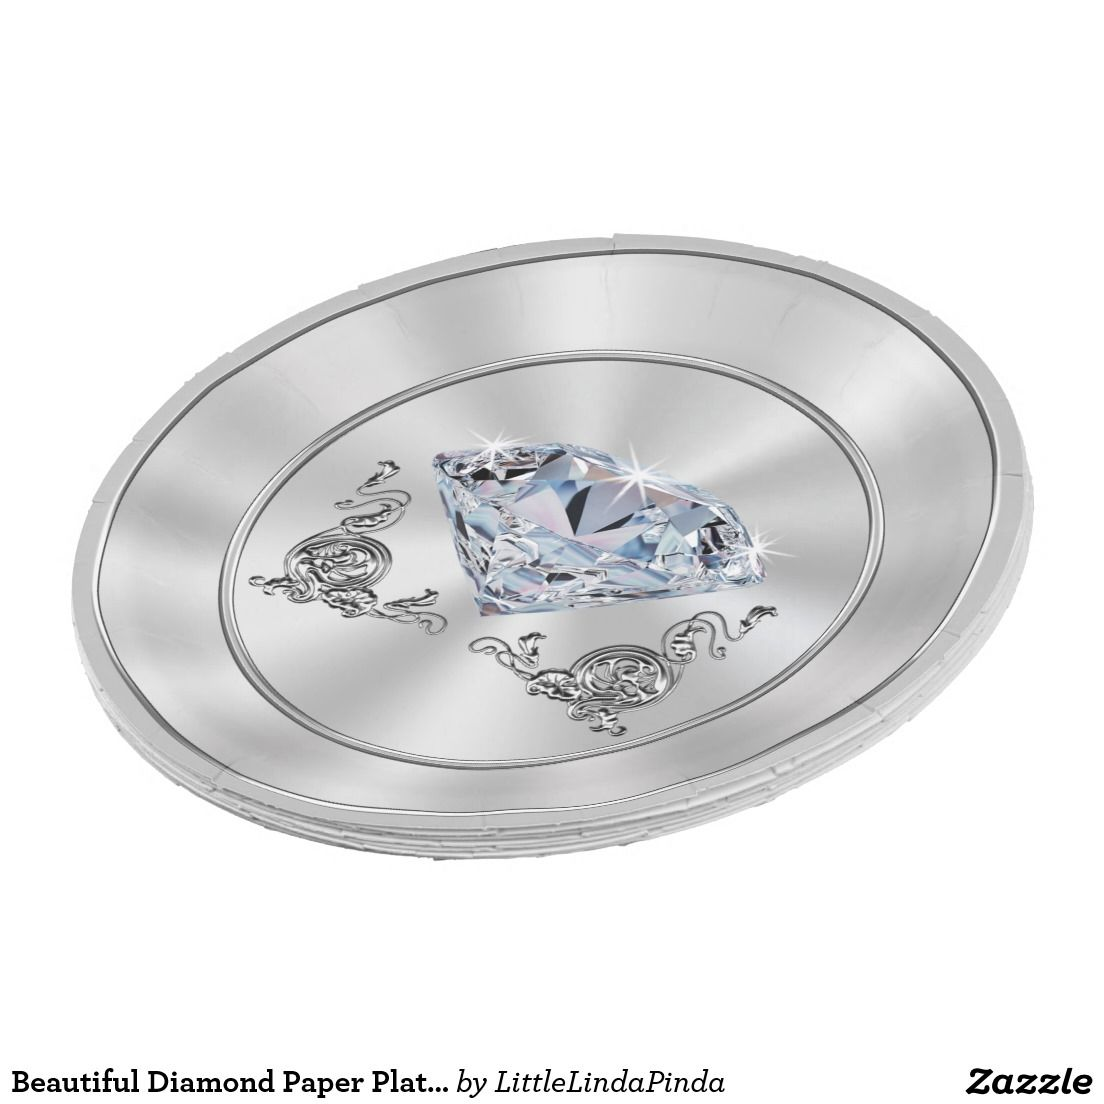 Beautiful Diamond Paper Plates Diamond Party Theme | Diamond party ...